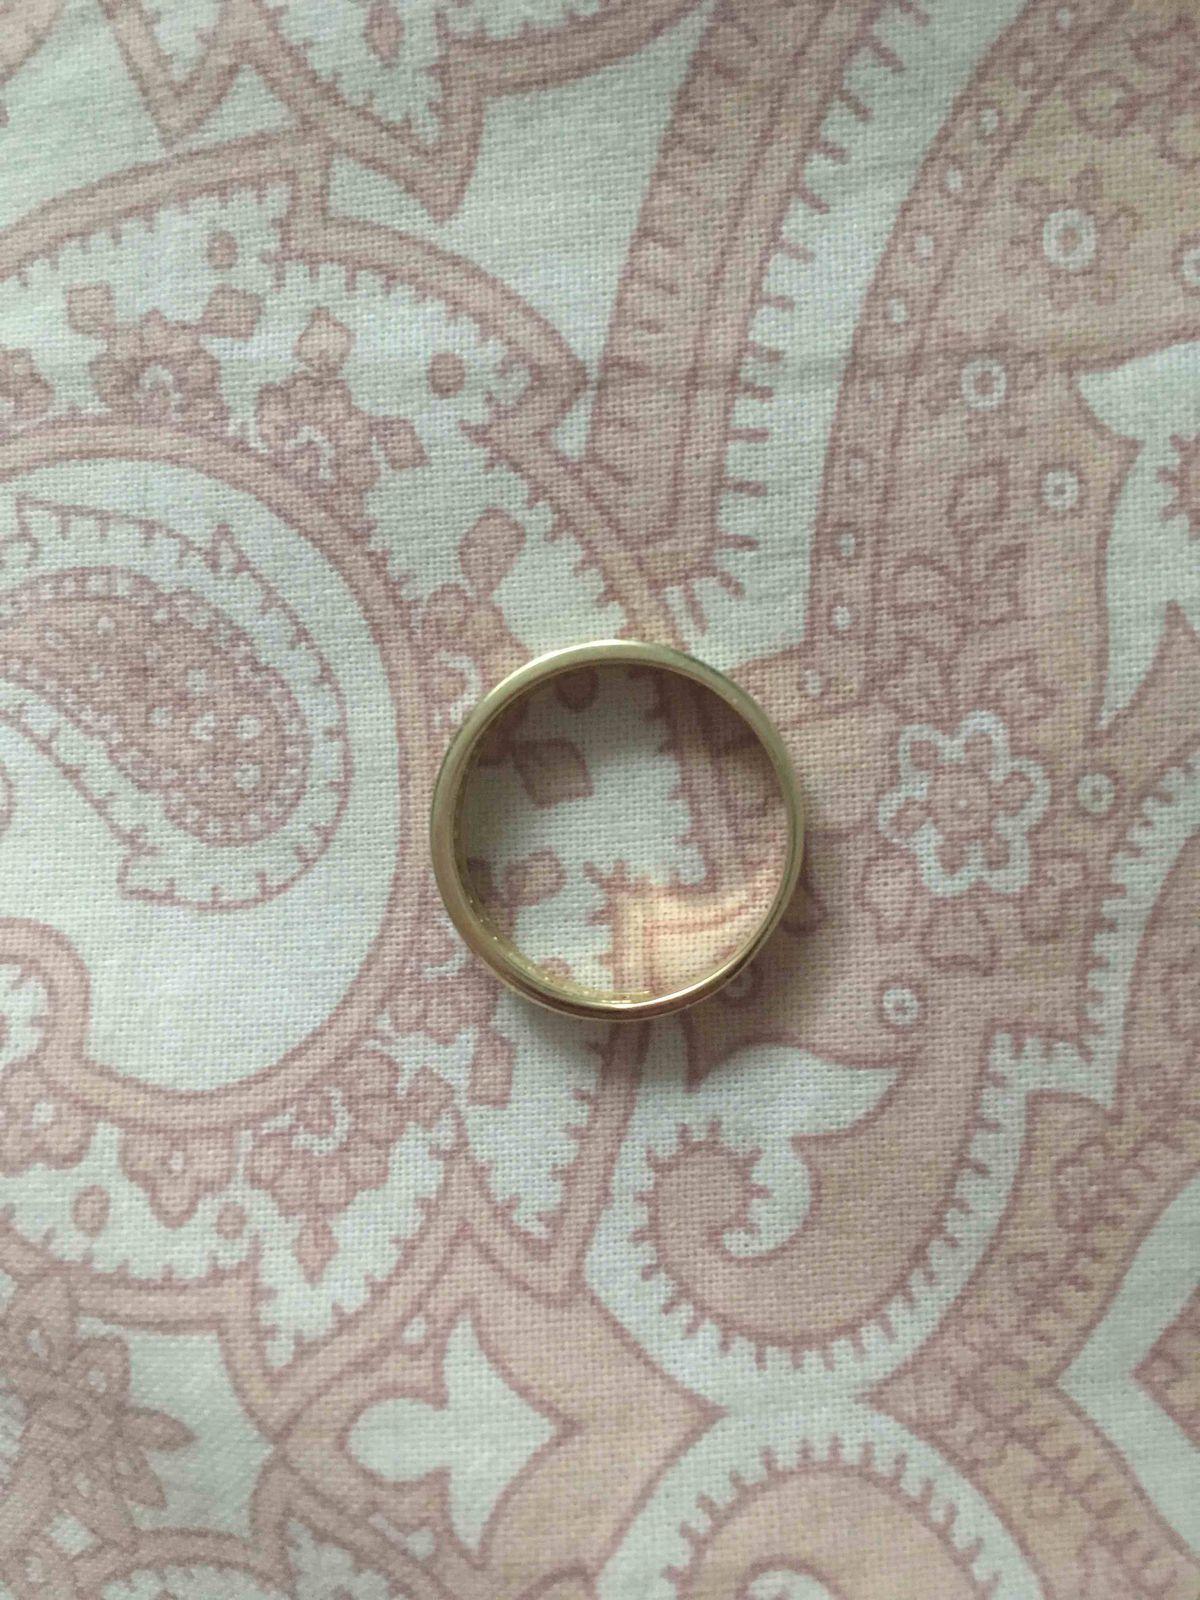 Кольцо взамен старого обручального